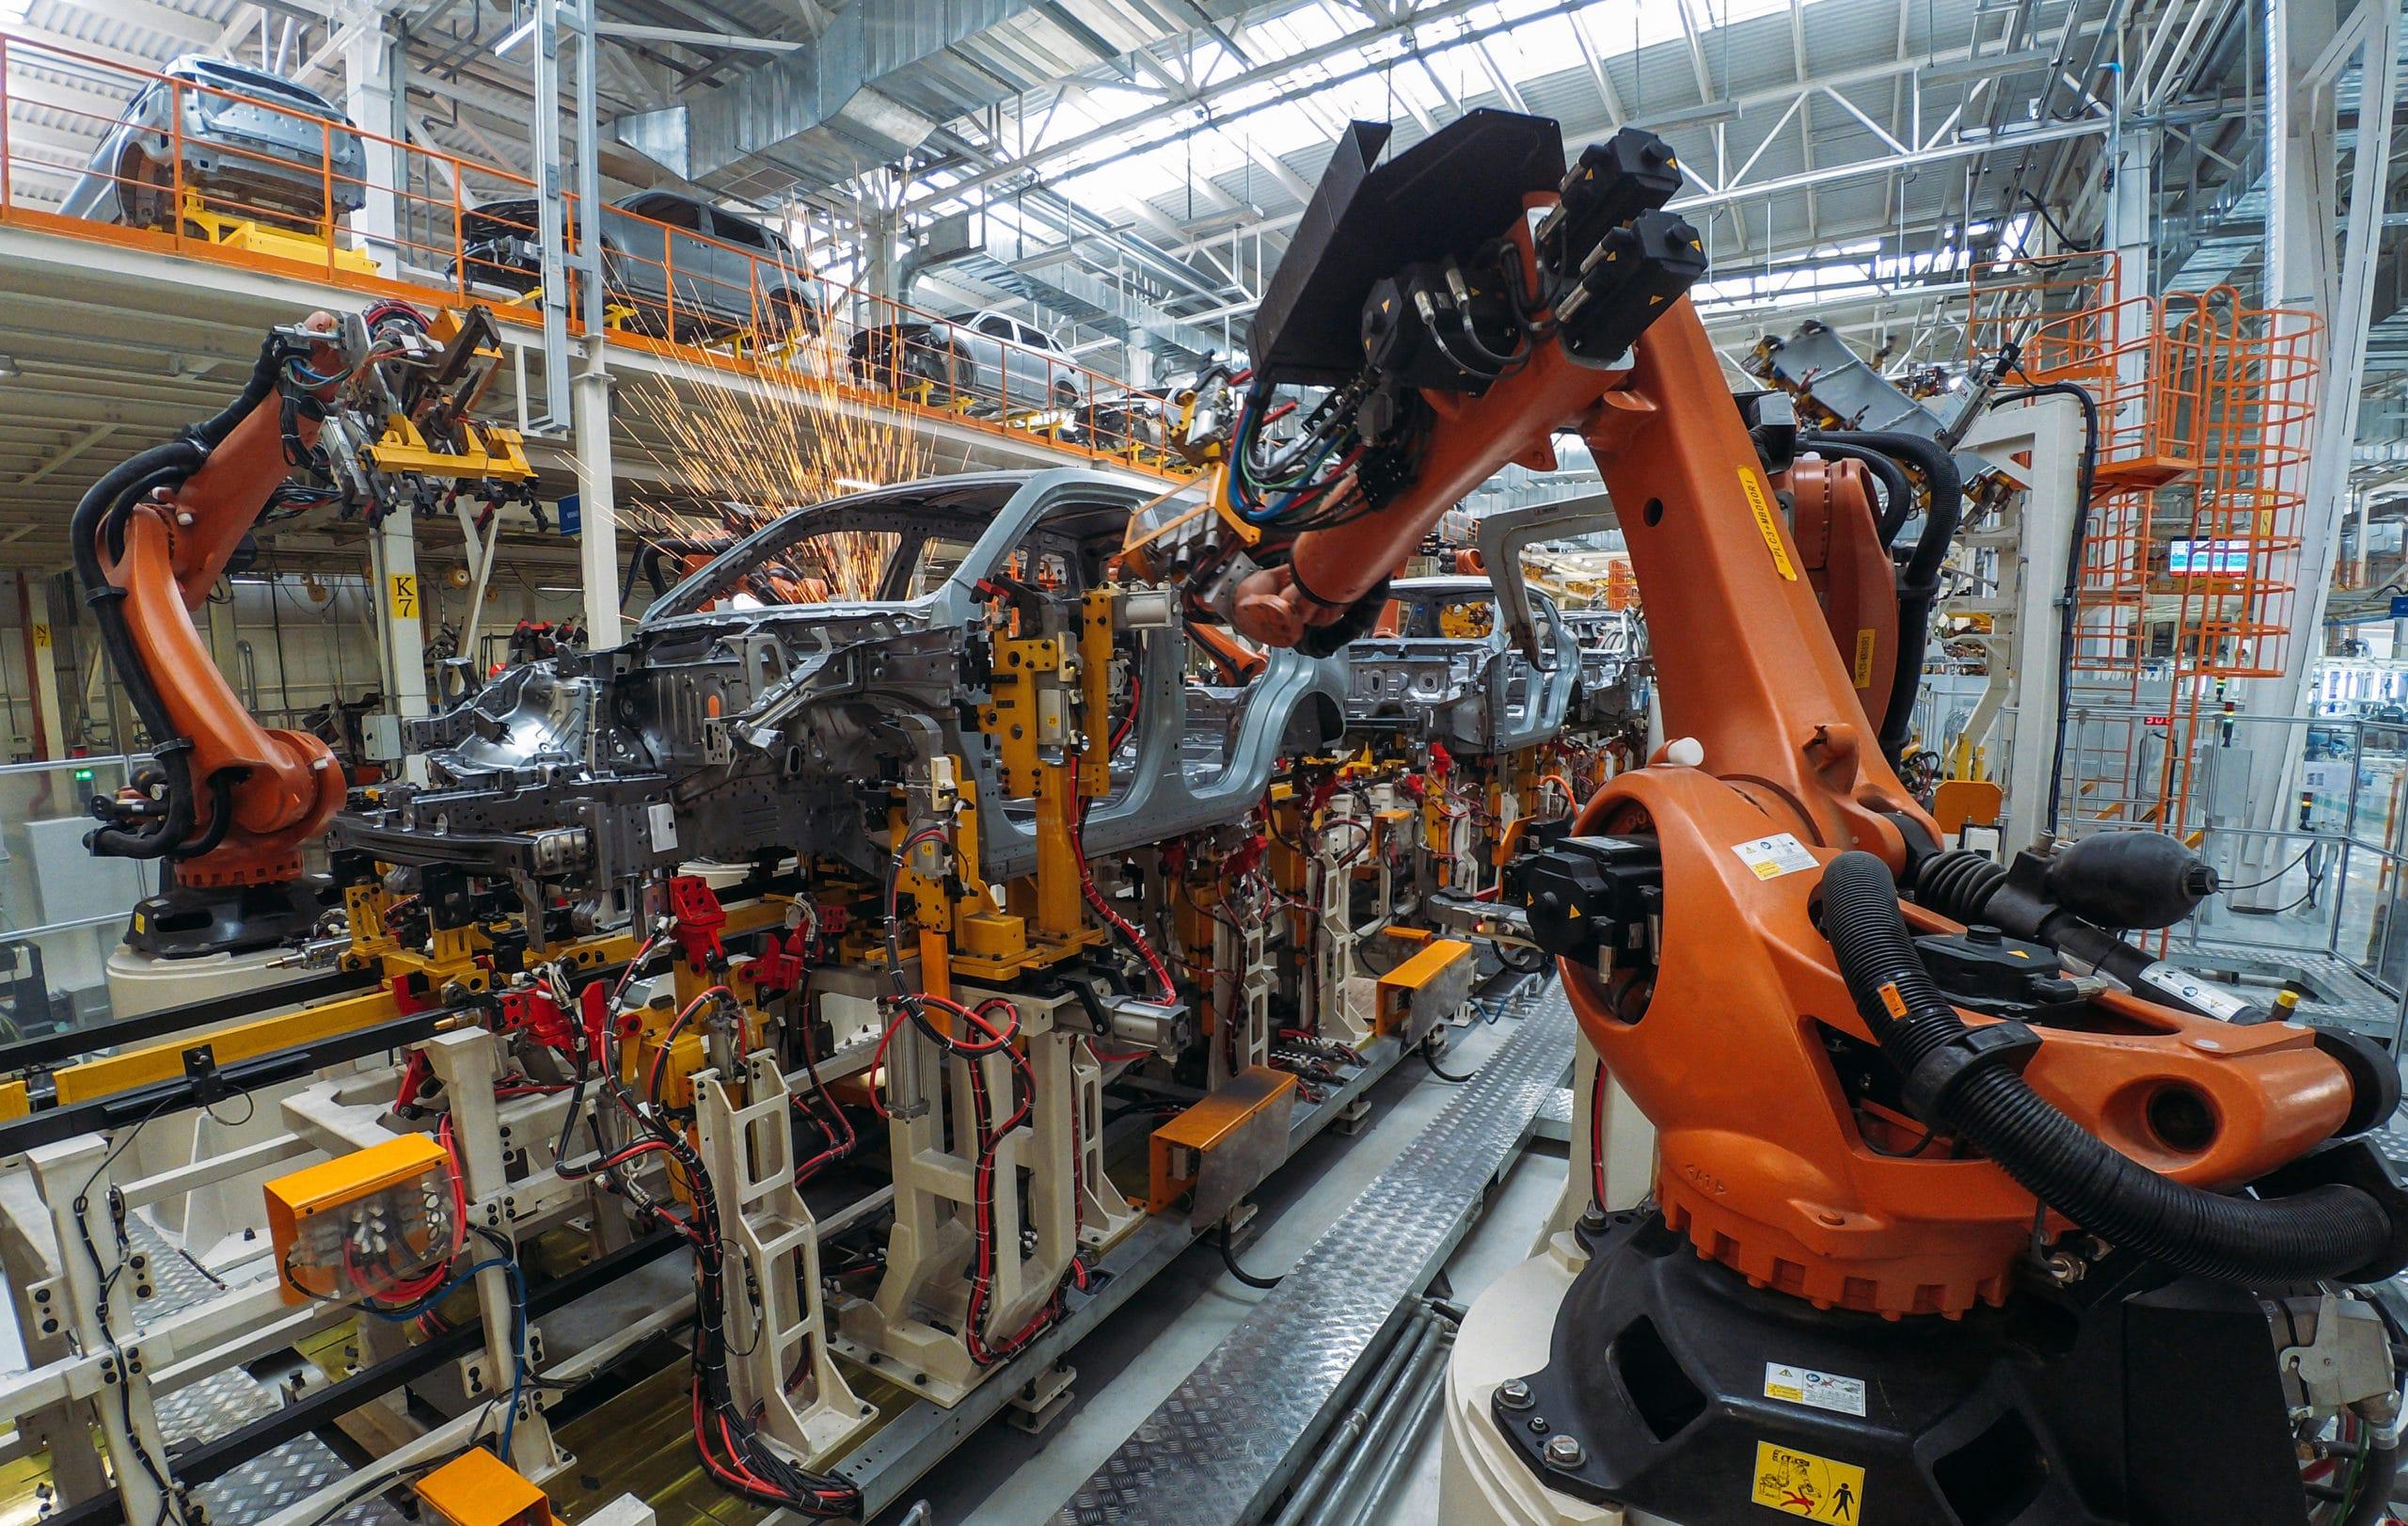 كيف يساعد الروبوت في عملية تصنيع السيارات